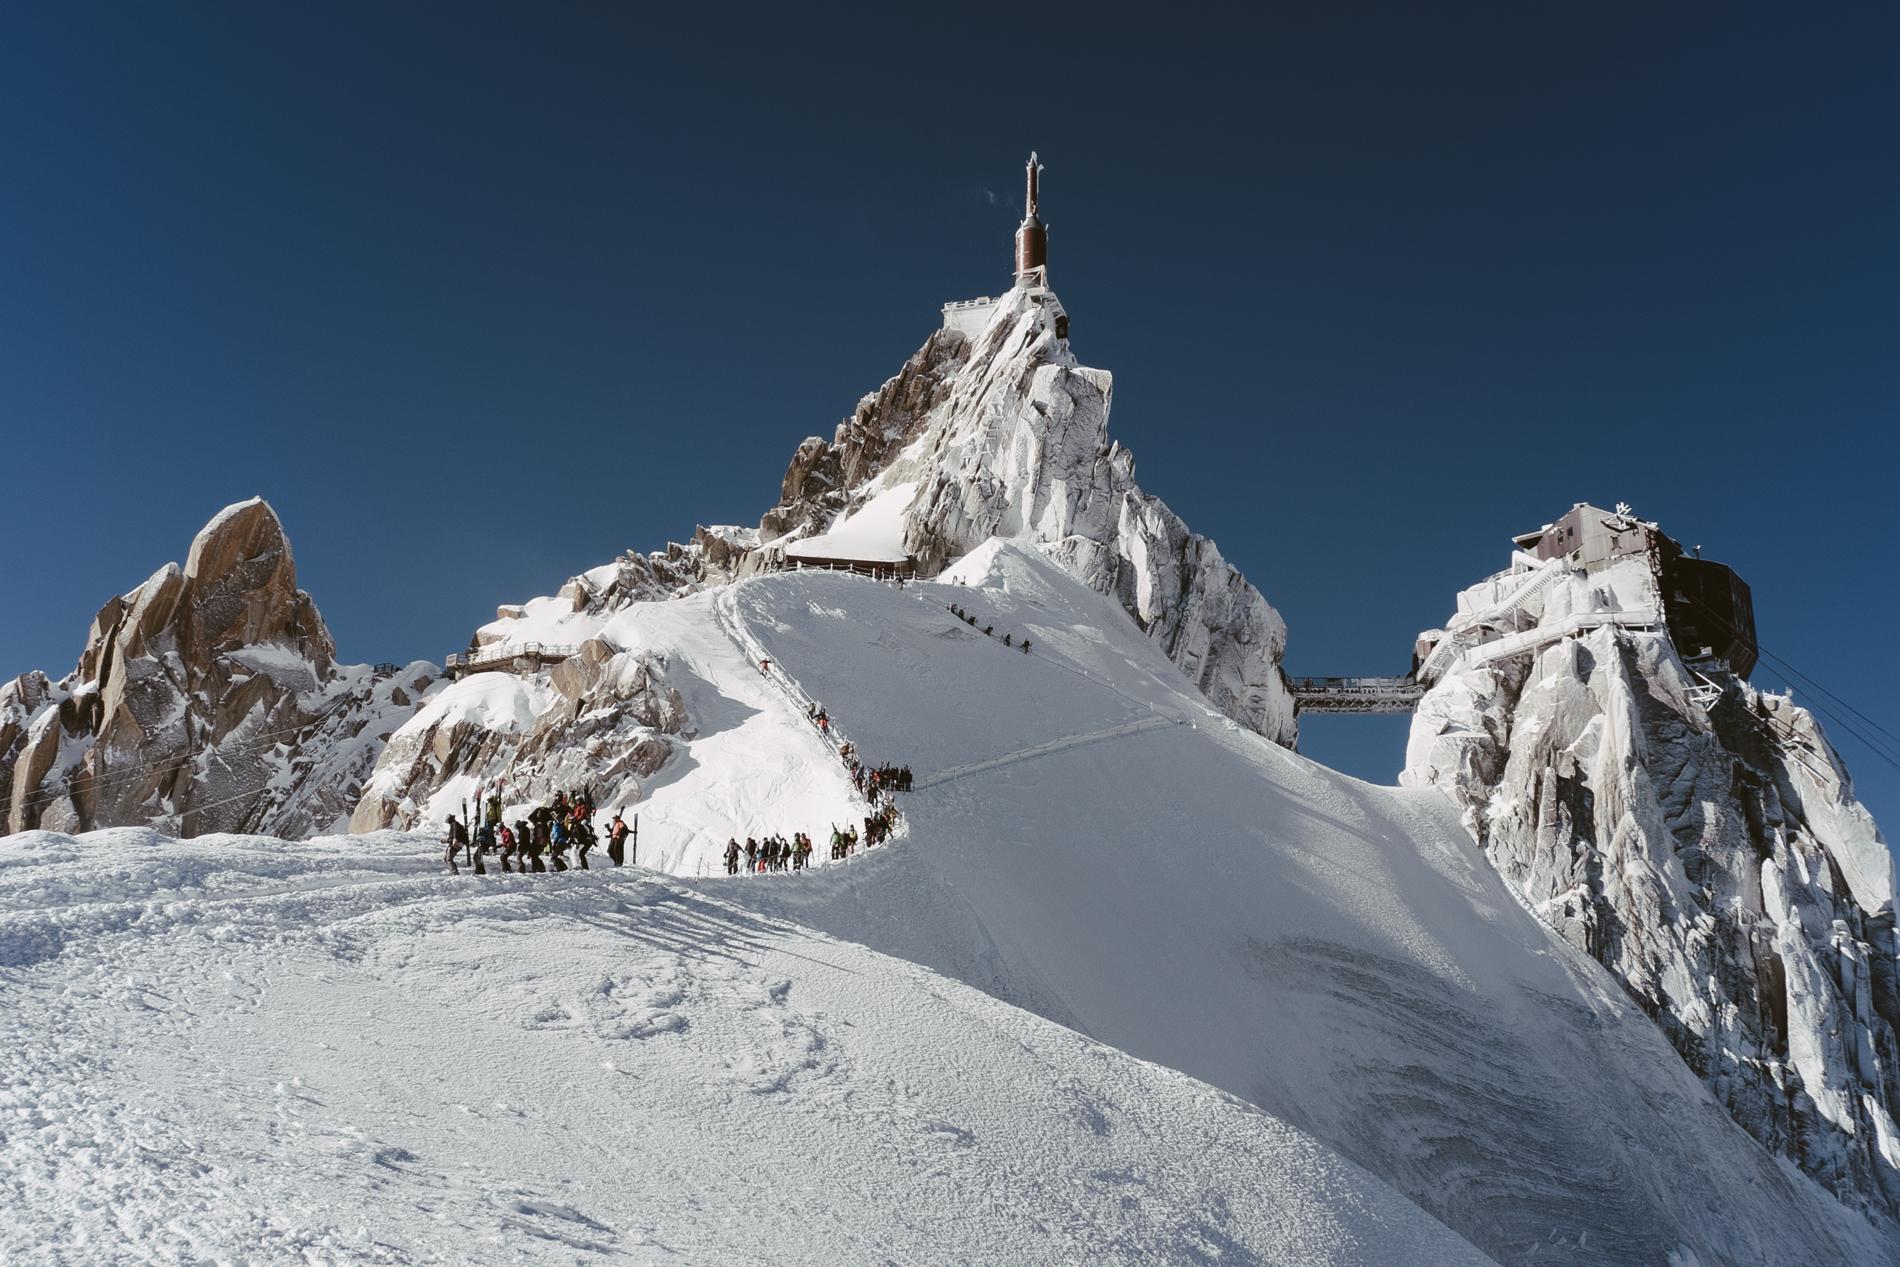 Descente de l'arête Nord de l'Aiguille du Midi 3842 m - CHAMONIX, FRANCE.